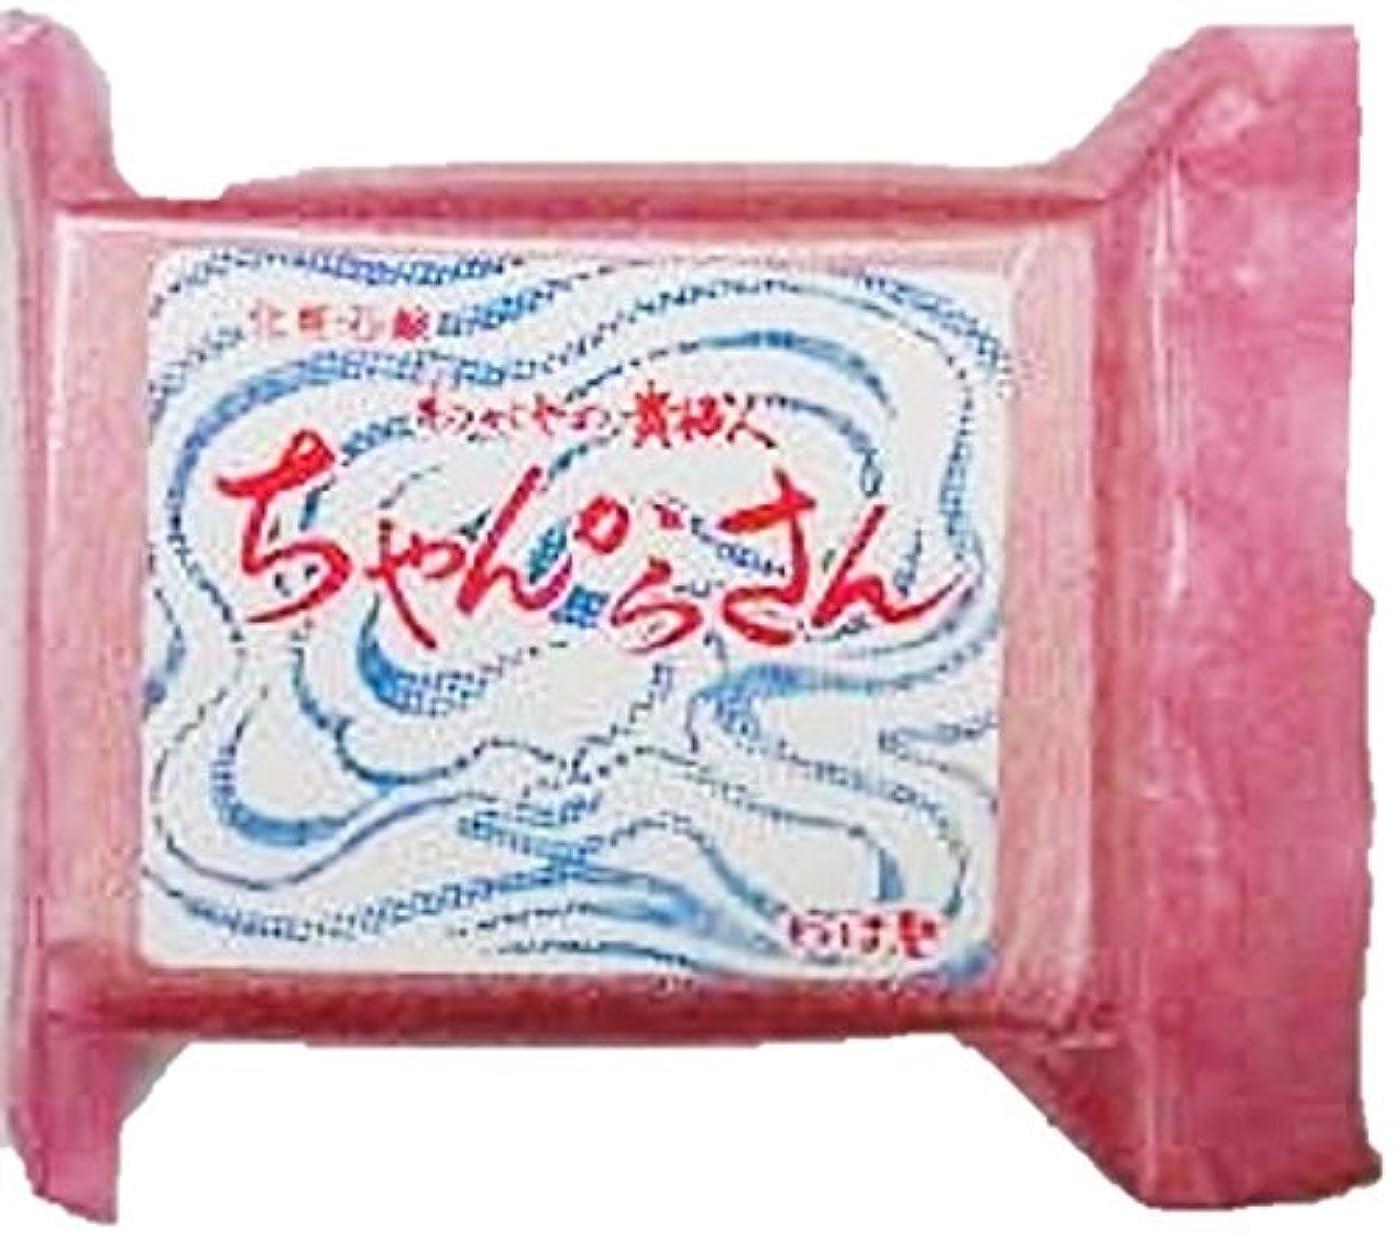 解放離れてバッチちゃんからさん 化粧石鹸 (95g)